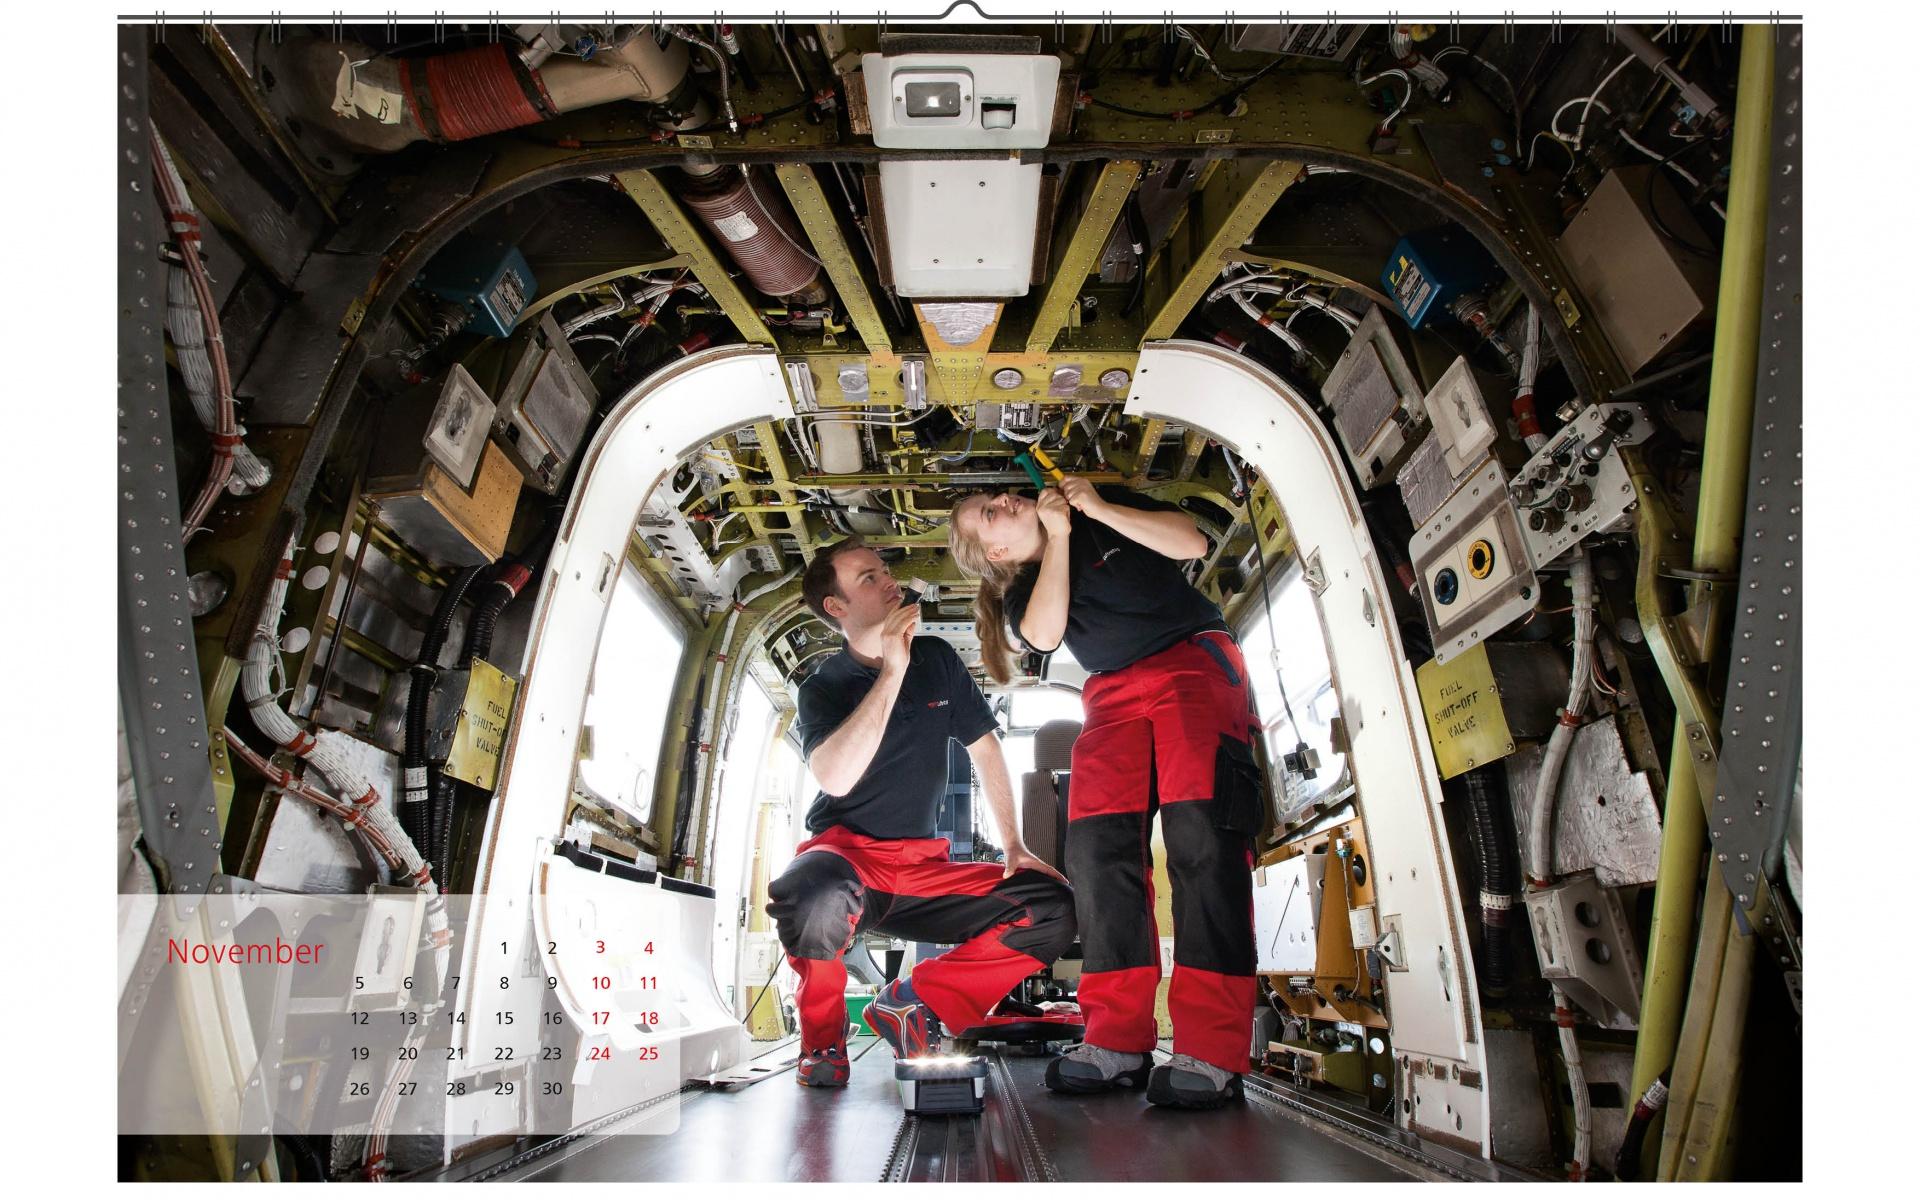 Faszination Elektronik: Die Avioniker der DRF Luftrettung vertiefen sich in elektronische Herausforderungen und arbeiten dabei mit viel Liebe zum Detail.